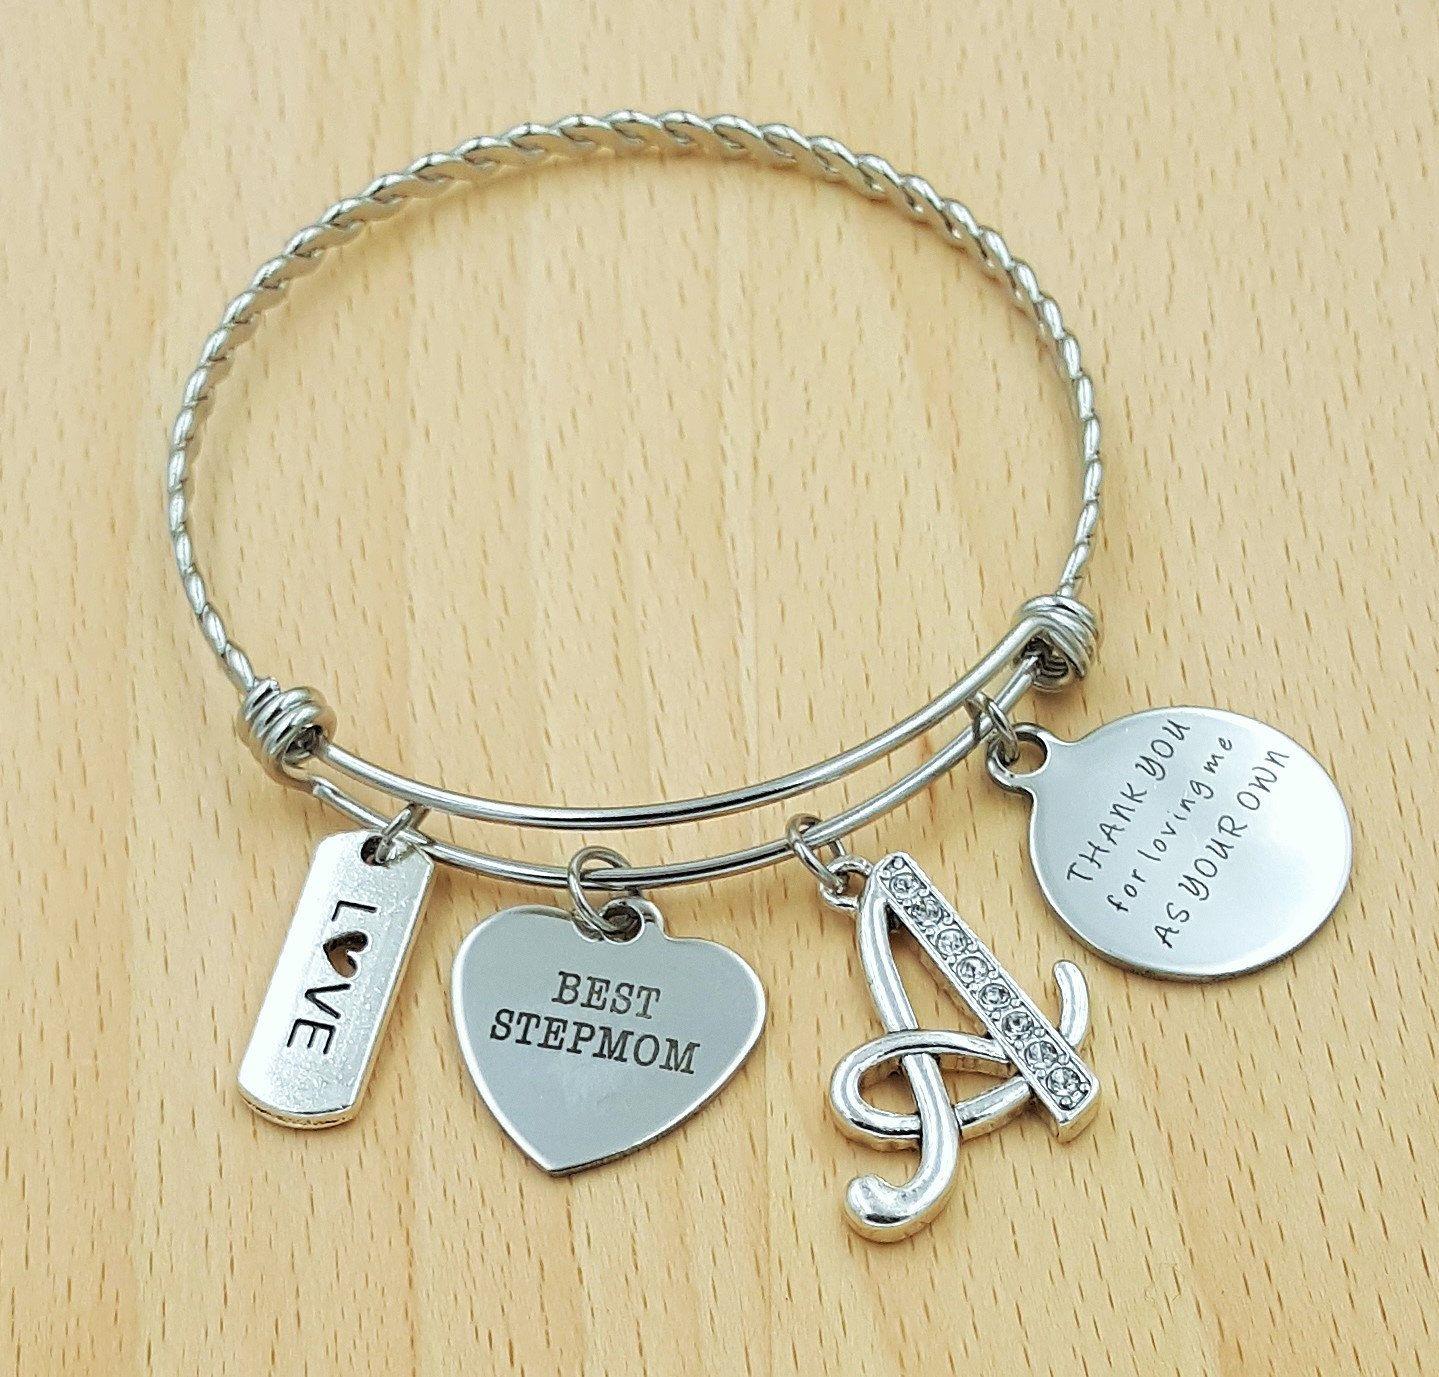 step mom bracelet step mom gift stepmom gift gifts for stepmom